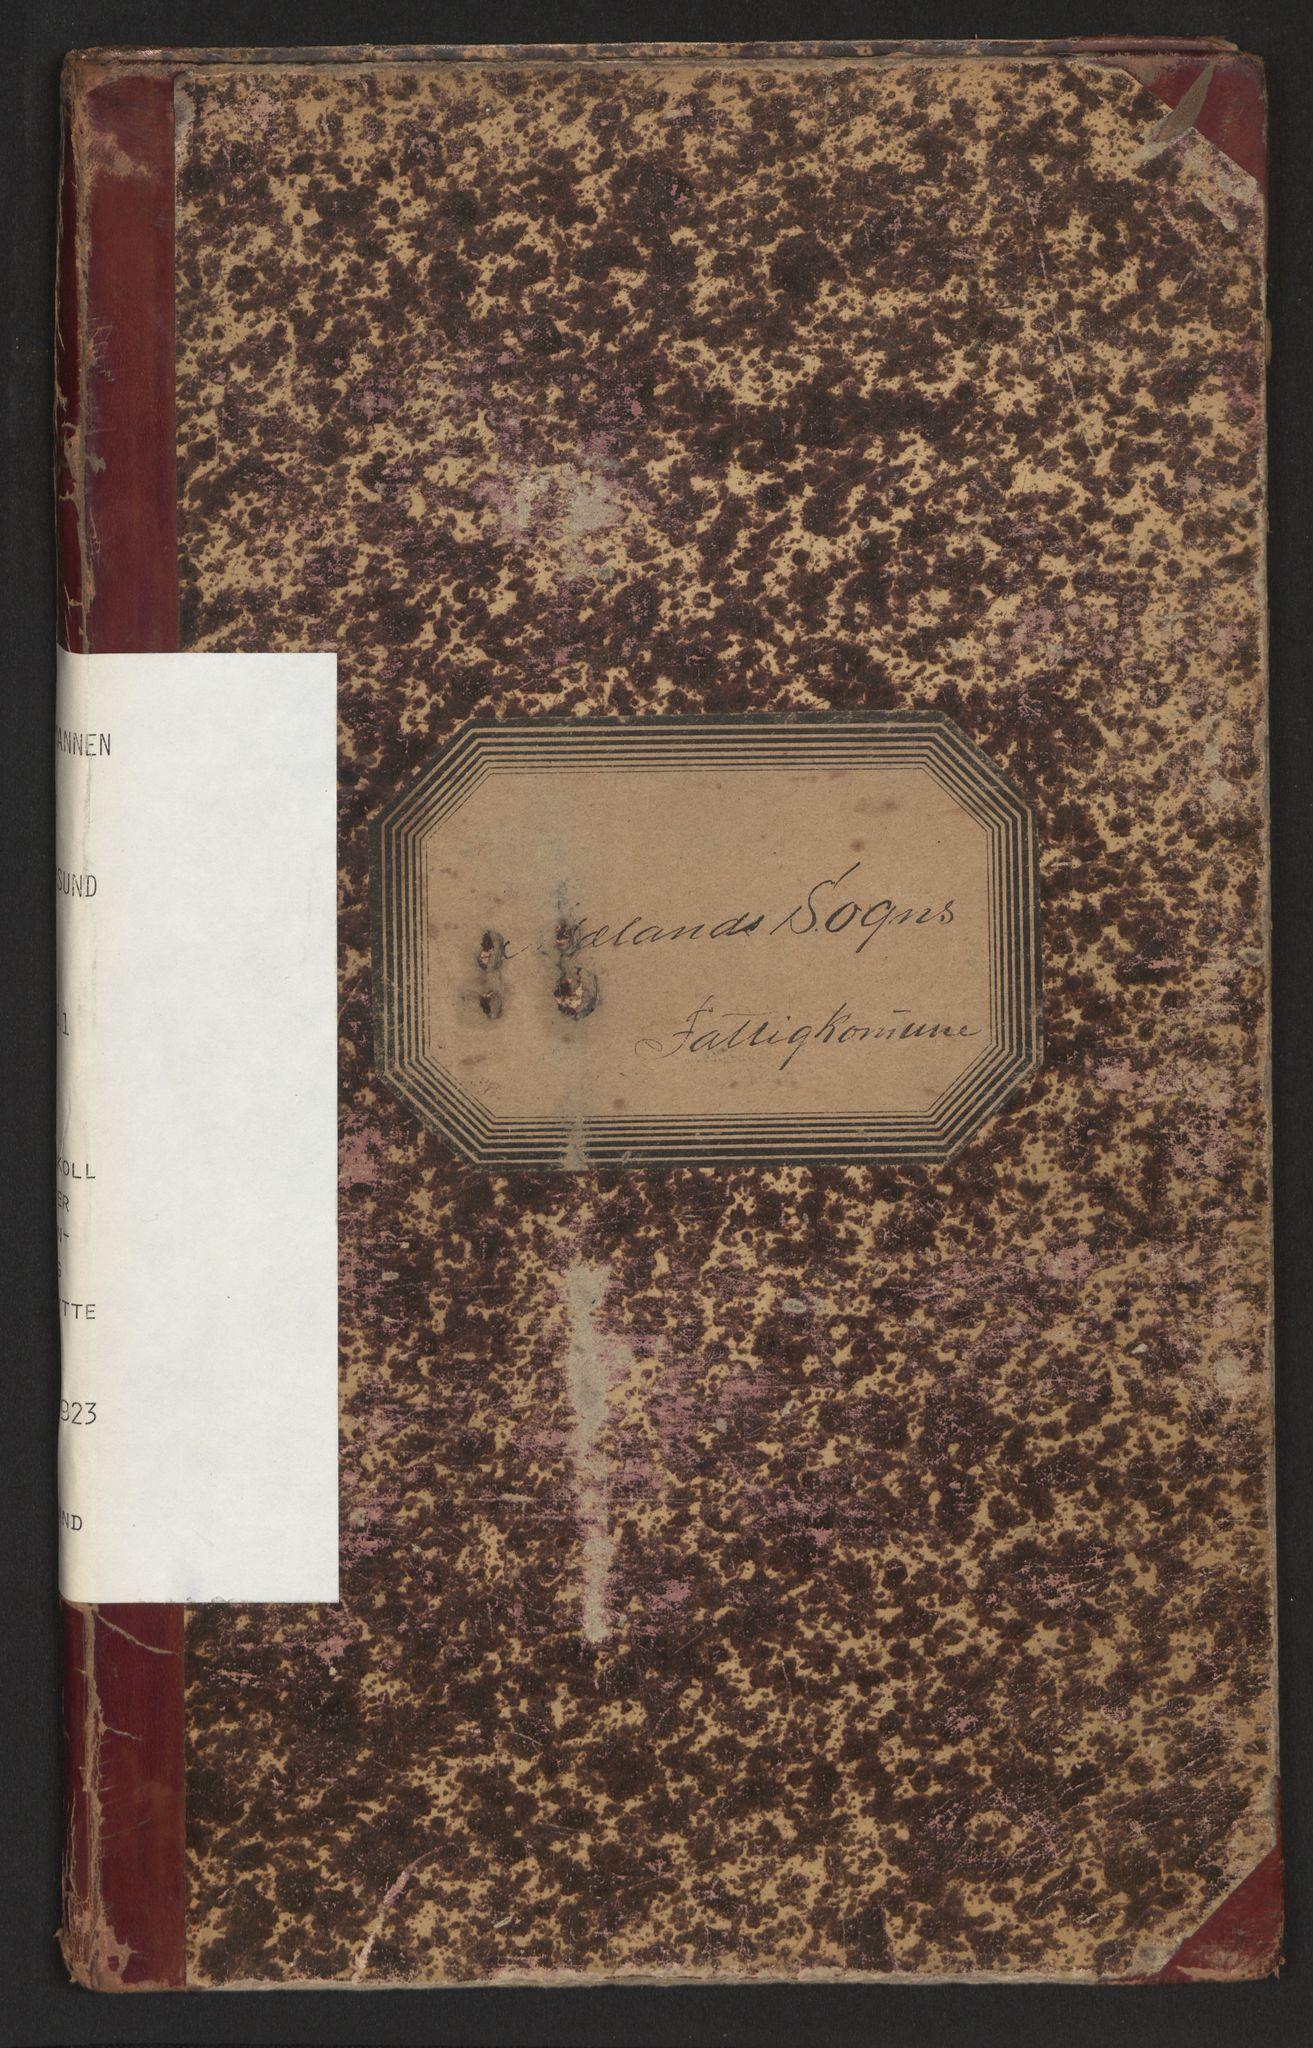 SAB, Lensmannen i Alversund, 0020/L0001: Protokoll over inn- og utflytte, Meland, 1901-1923